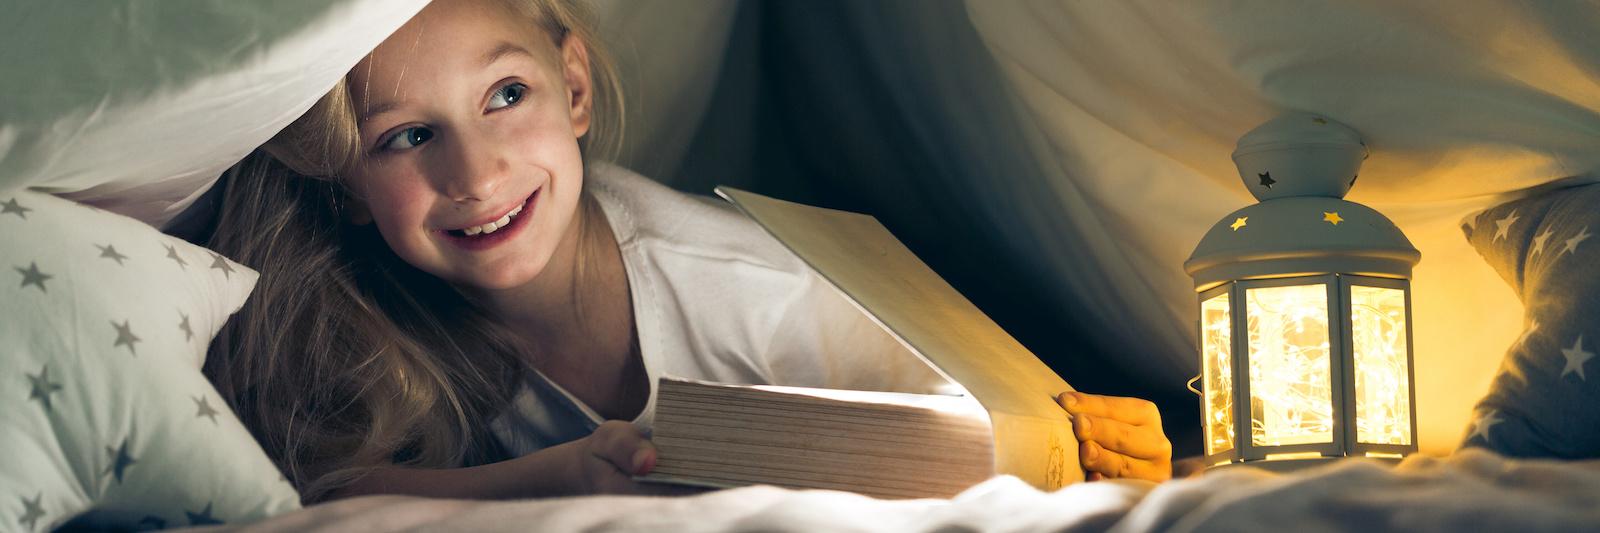 Dos claves imprescindibles para desarrollar la memoria leyendo